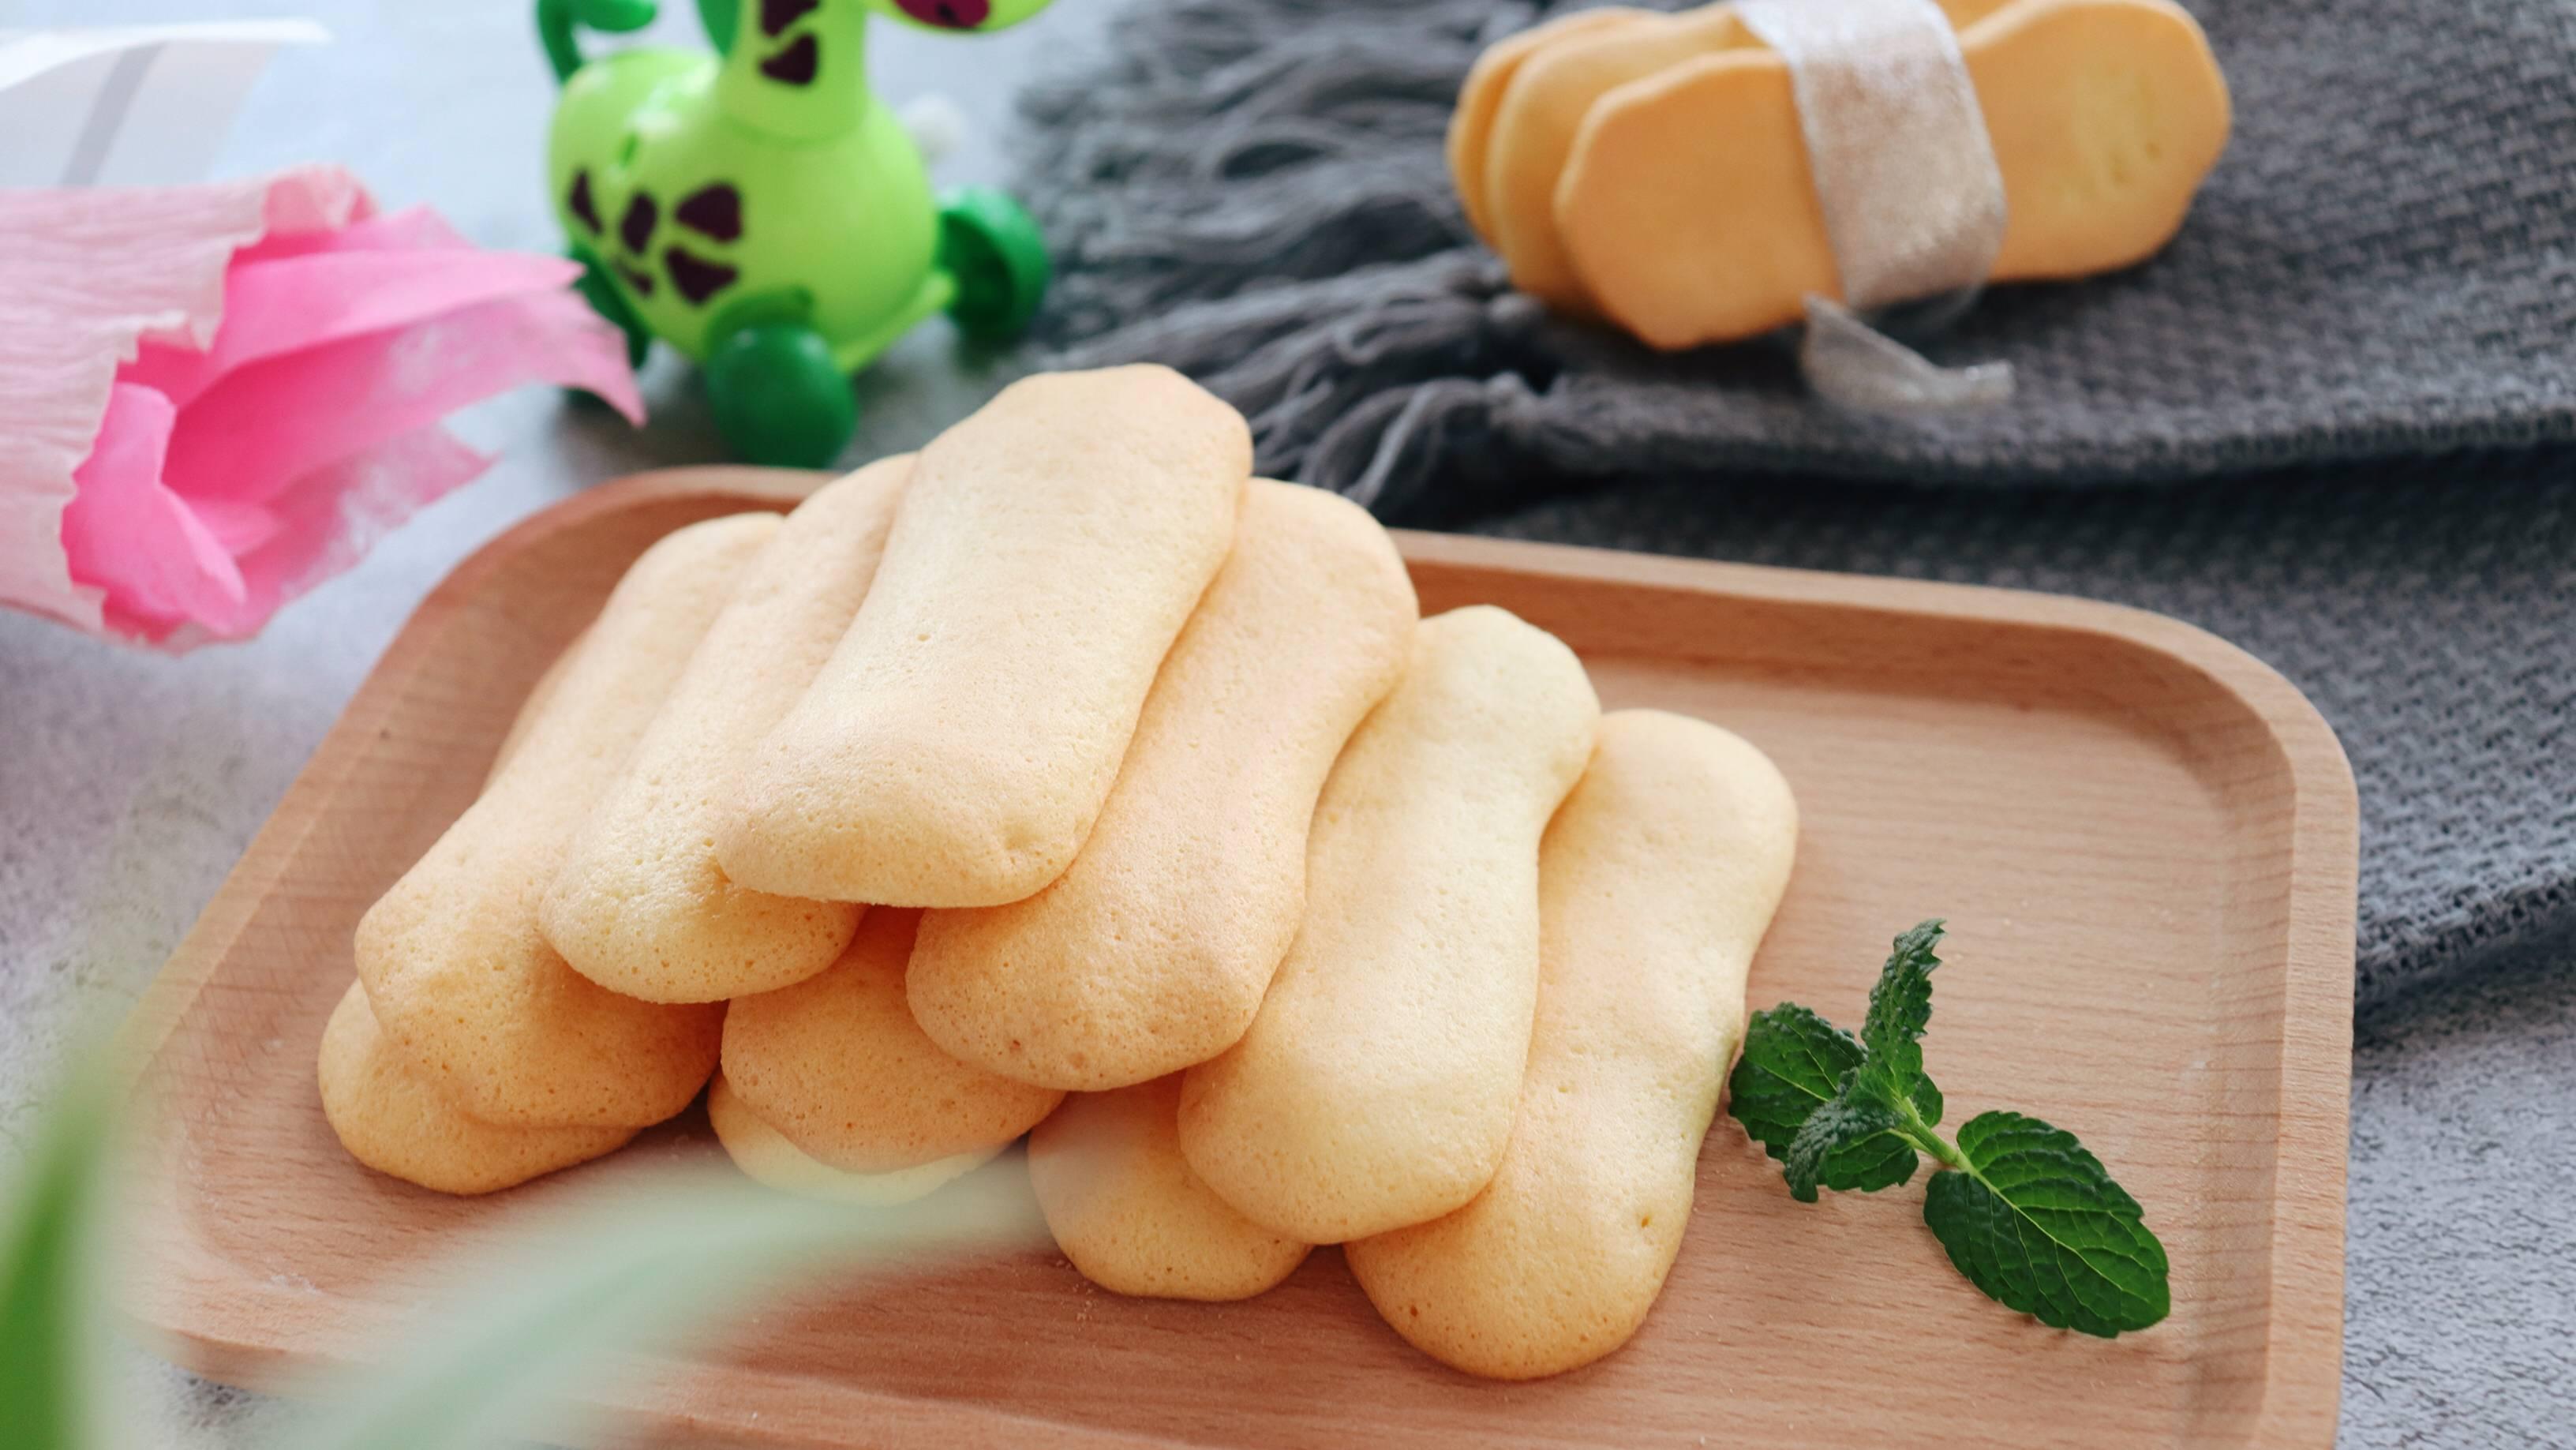 手指饼干,我这里饼干有些甜,宝宝如果太小,可以酌情减少蛋清里的糖量,但是不建议完全不加的哦。</p> <p>